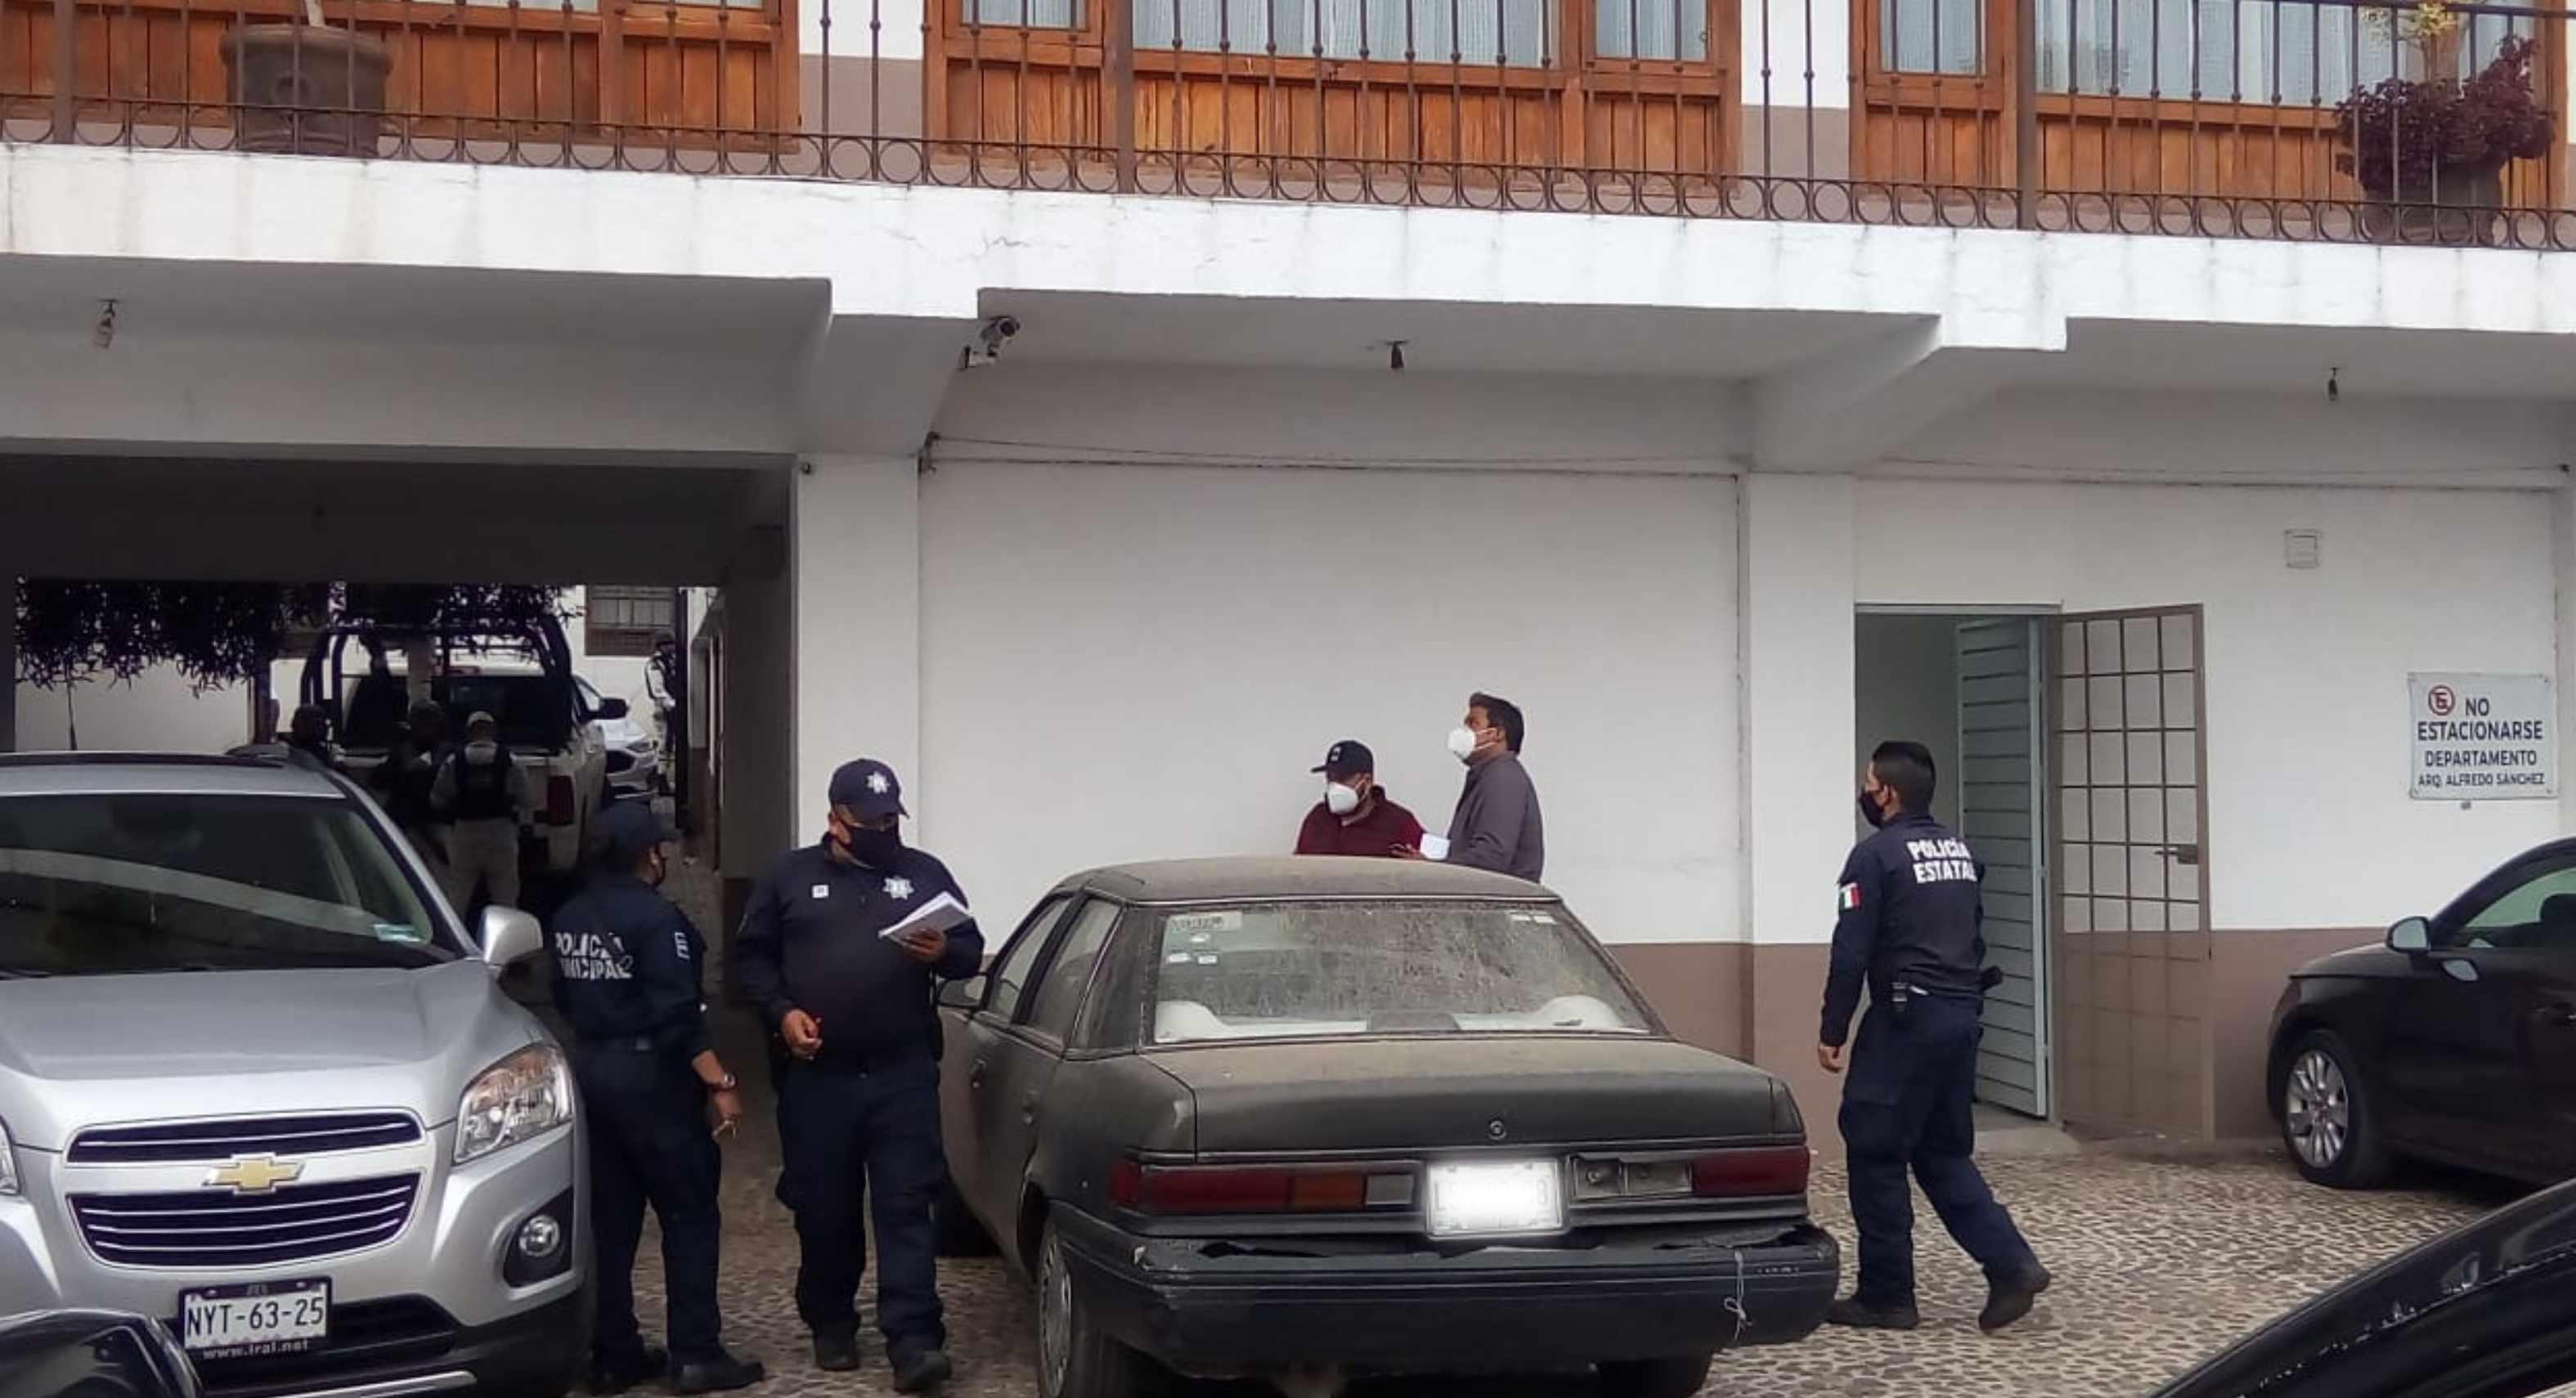 Banco del bienestar es asaltado en Valle de Bravo